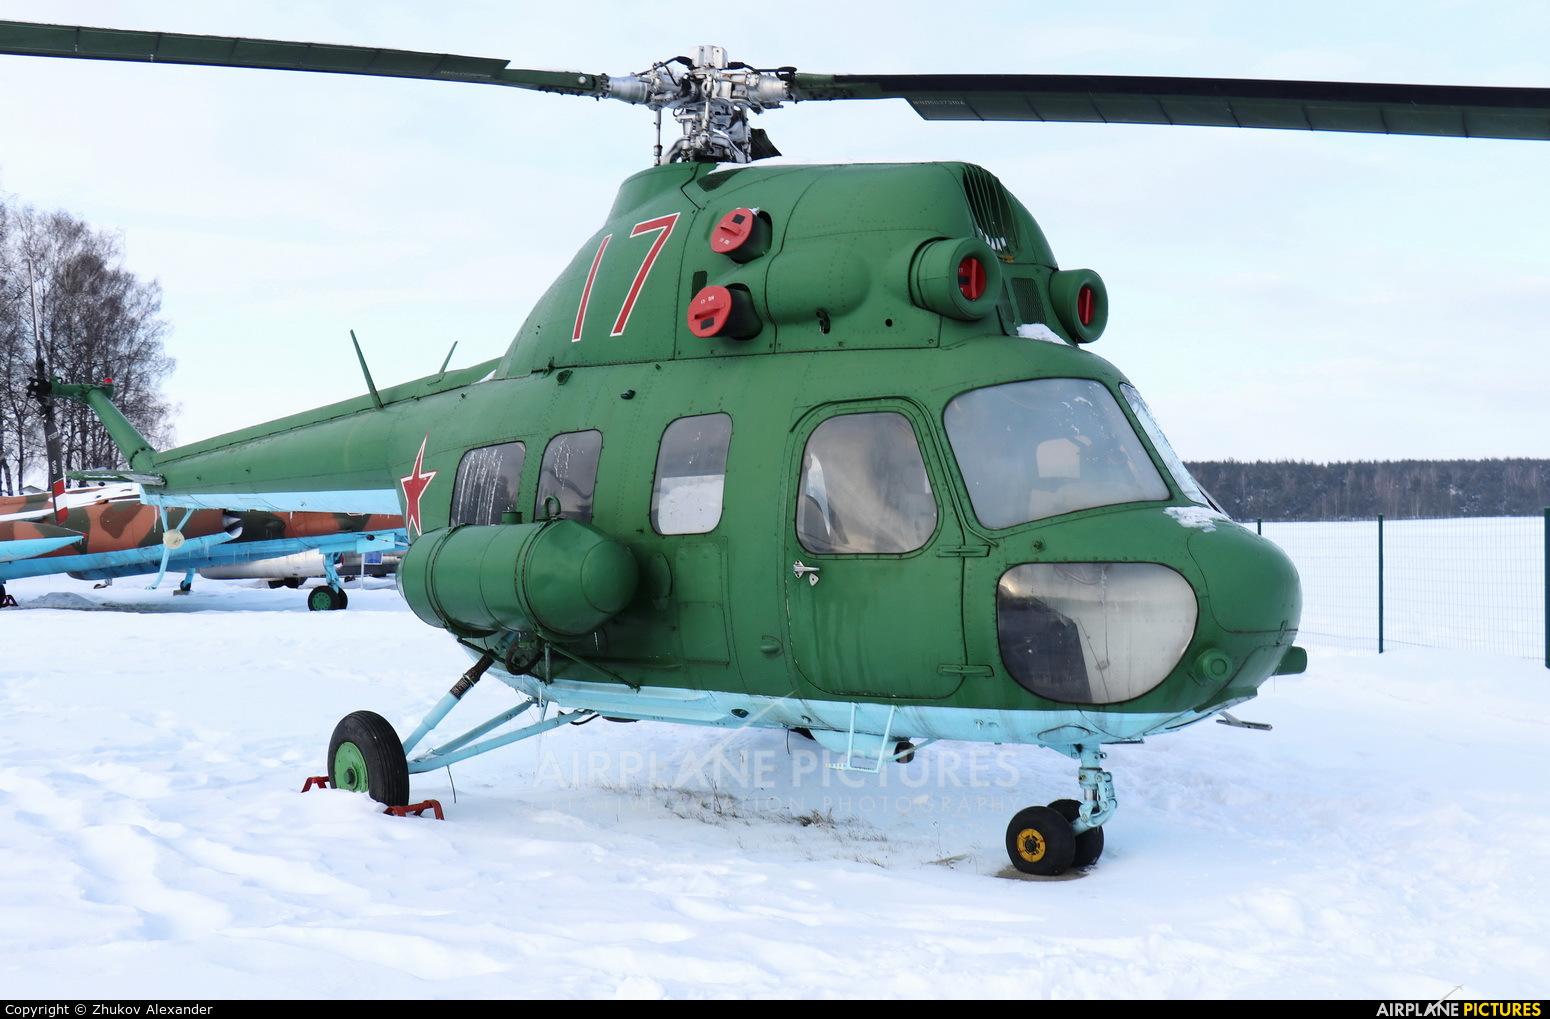 Belarus - DOSAAF 17 aircraft at Borovaya